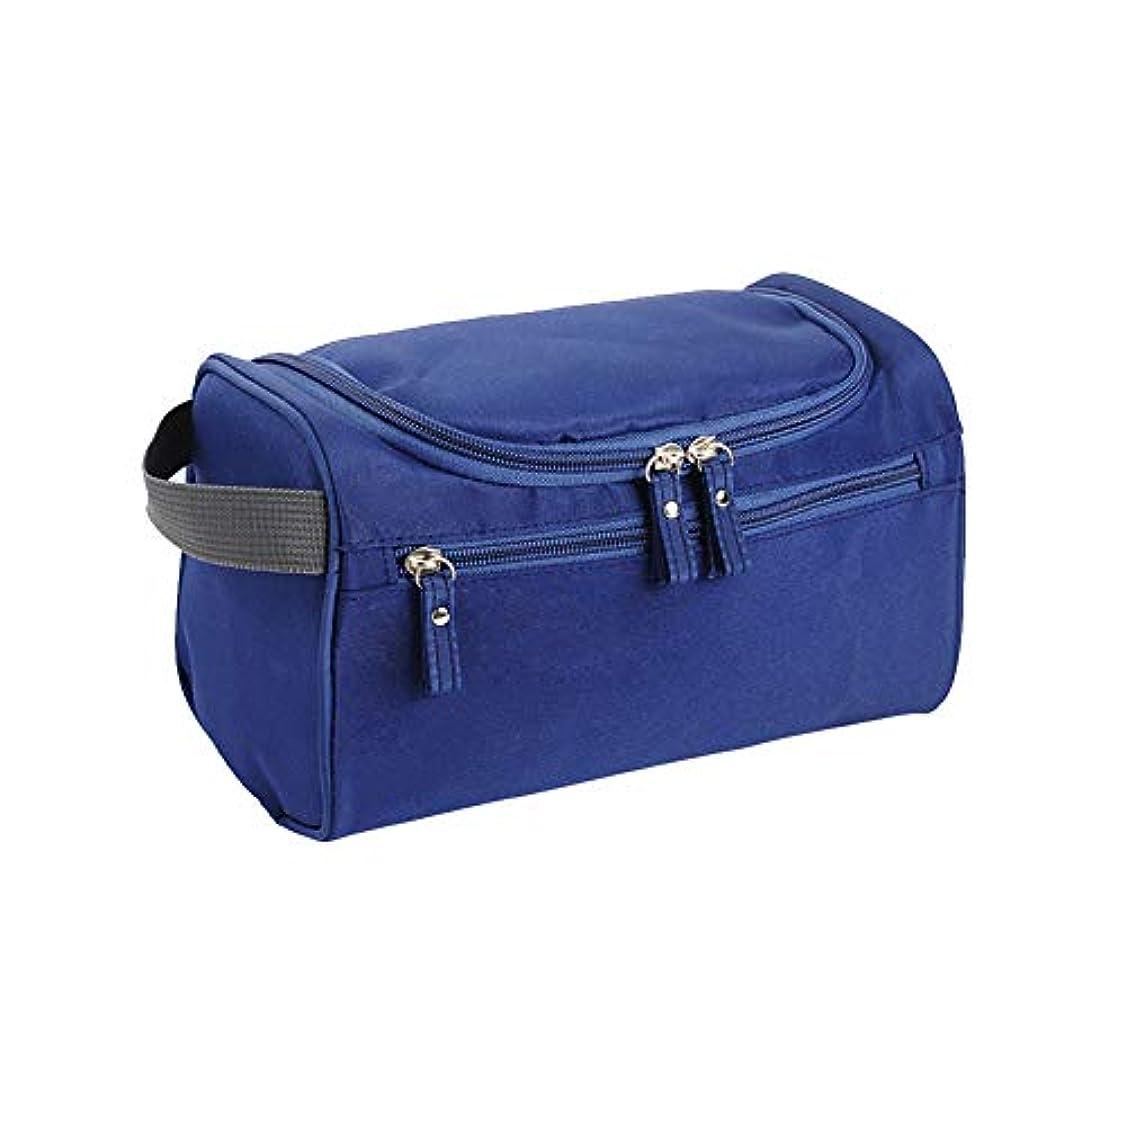 ヨーグルト扇動フックオックスフォードは青、男性と女性のための化粧品袋防水化粧バッグオーガナイザー多機能ポーチ旅行します